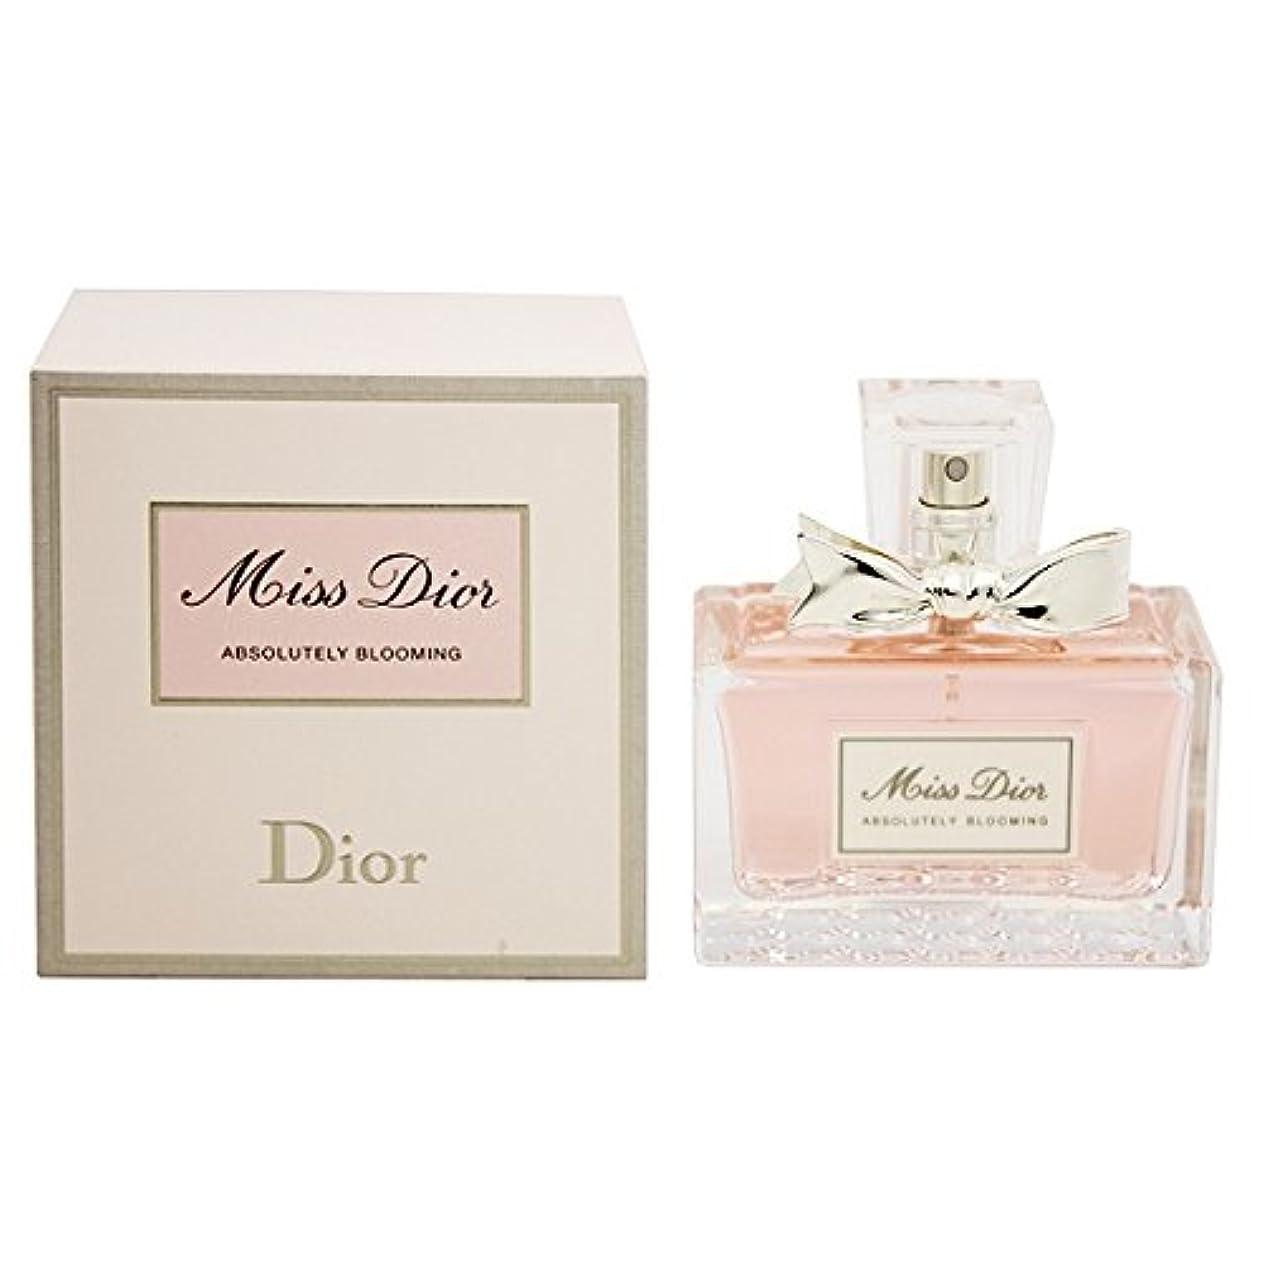 攻撃不良品予言するクリスチャン ディオール(Christian Dior) ミス ディオール アブソリュートリー ブルーミング 50ml[並行輸入品]